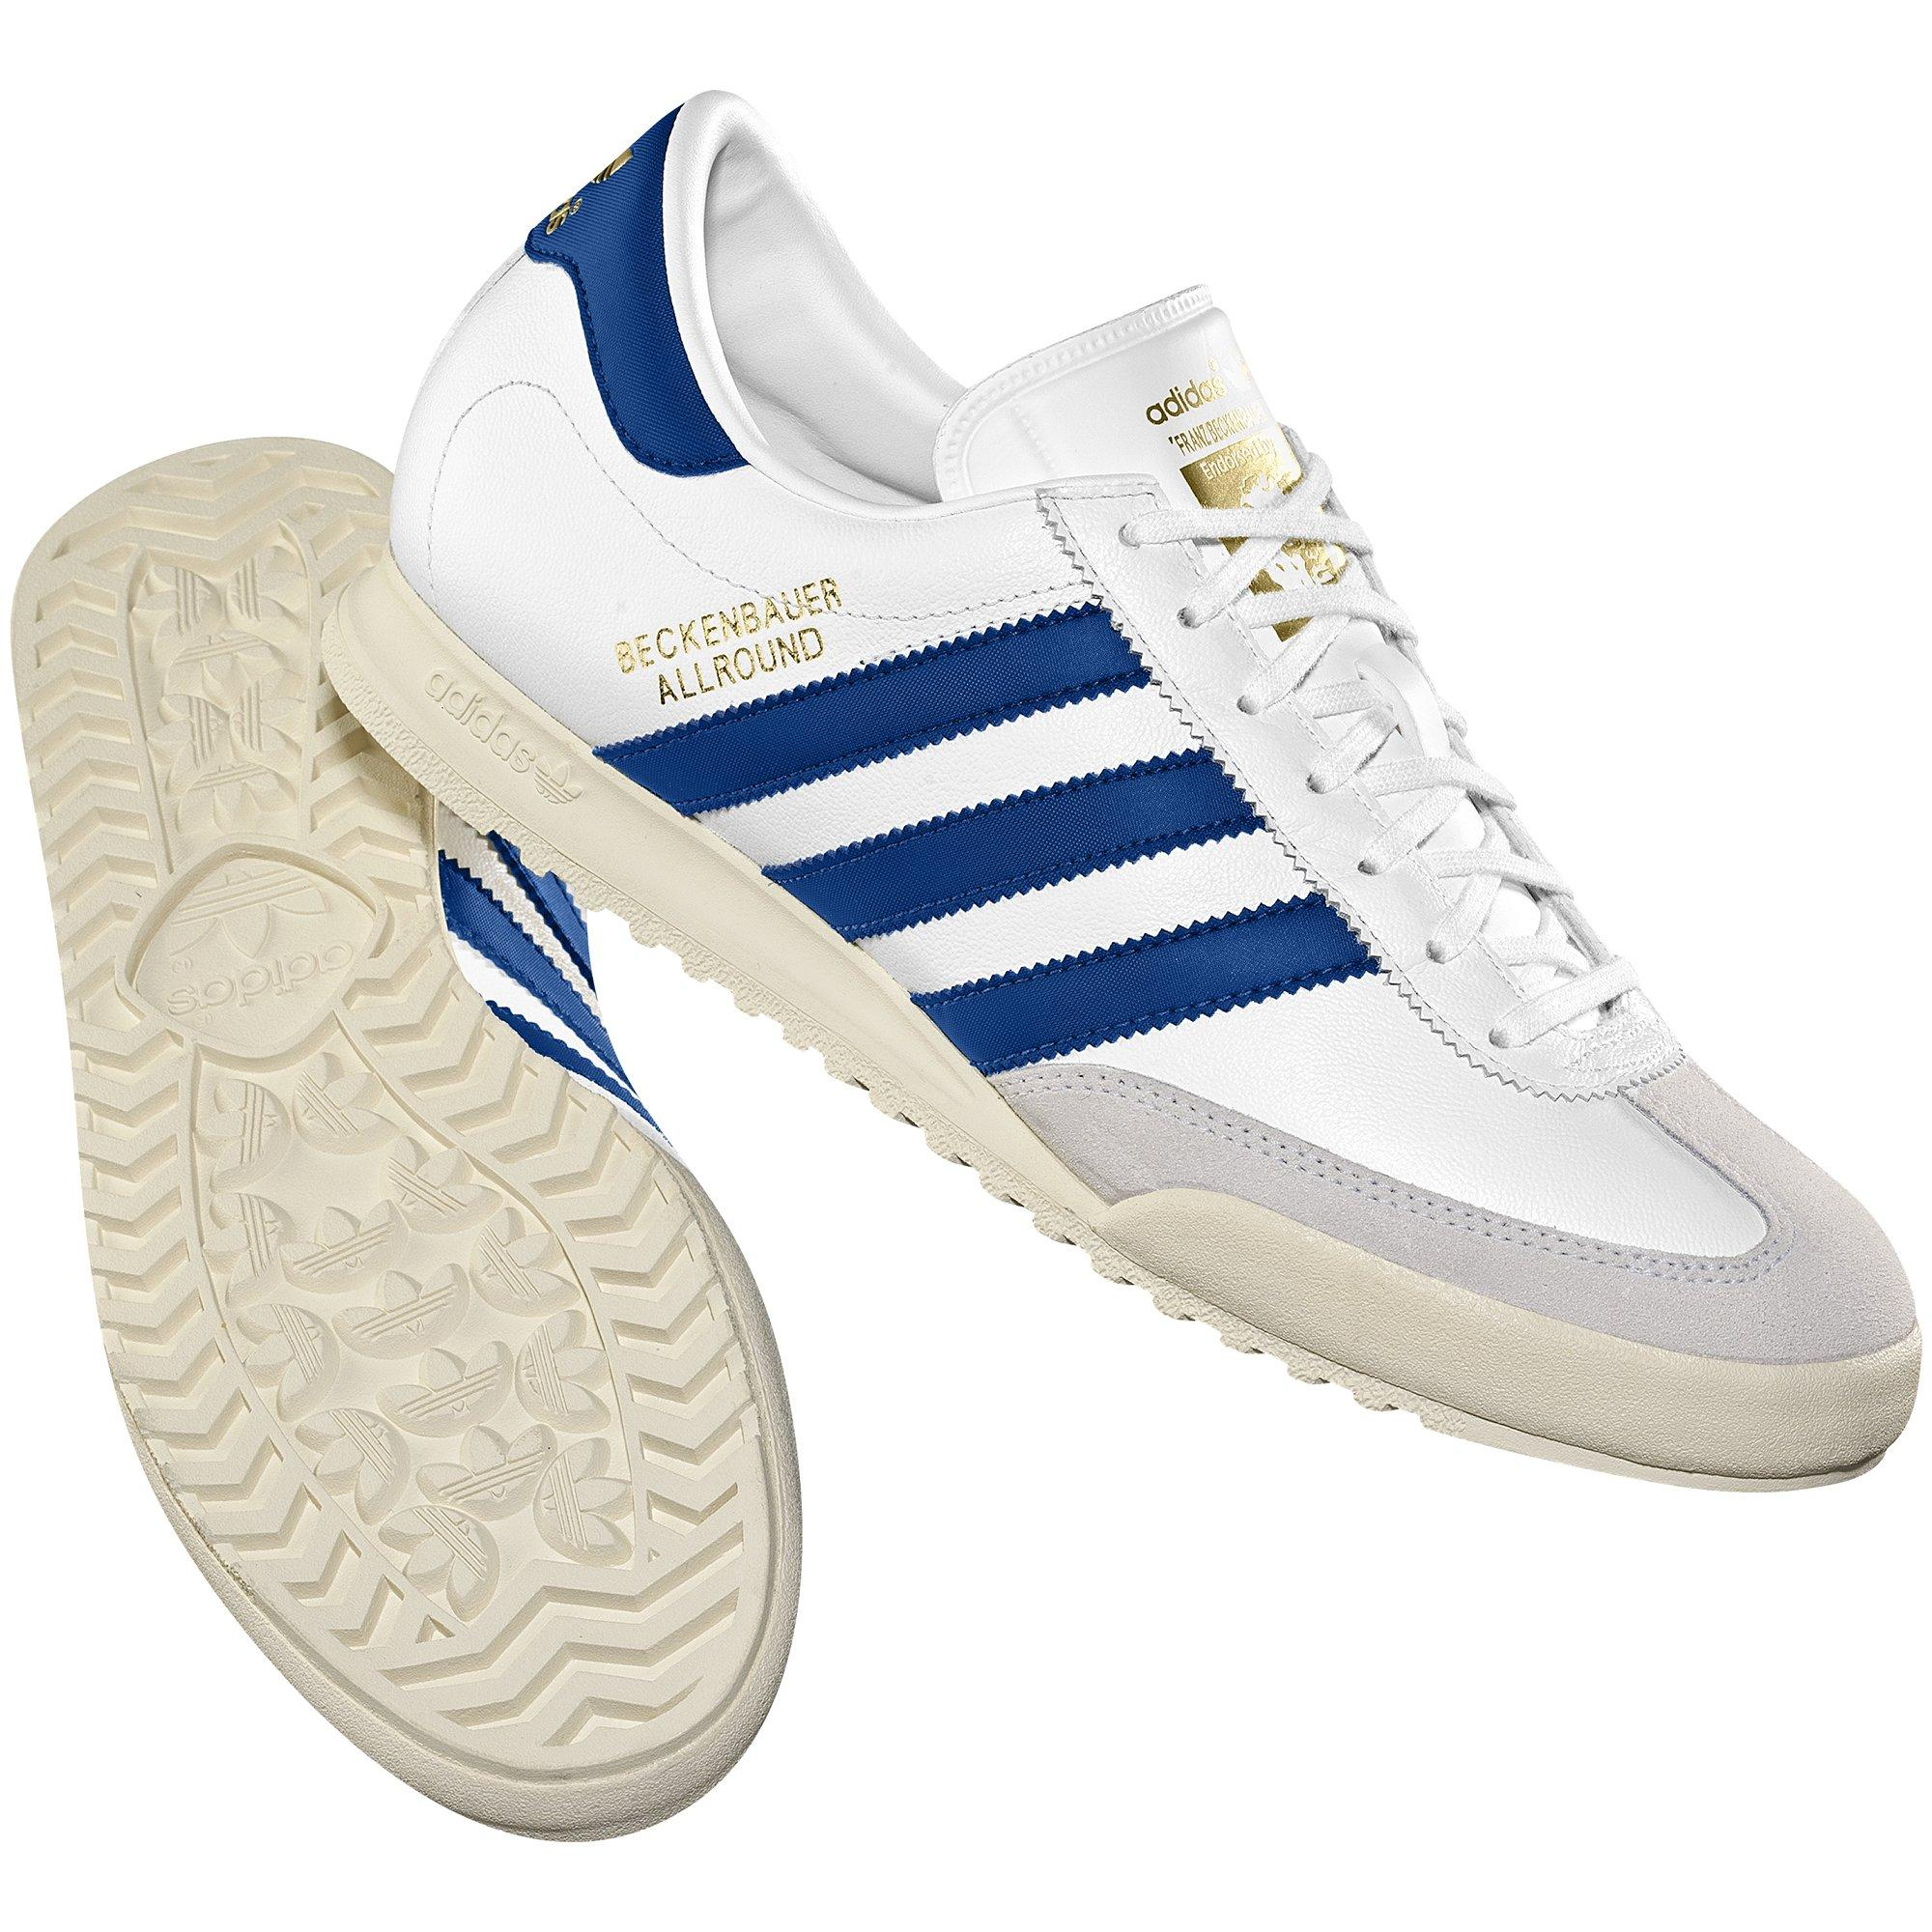 Acumulativo Disciplinario Inflar  adidas beckenbauer tenis - Tienda Online de Zapatos, Ropa y Complementos de  marca